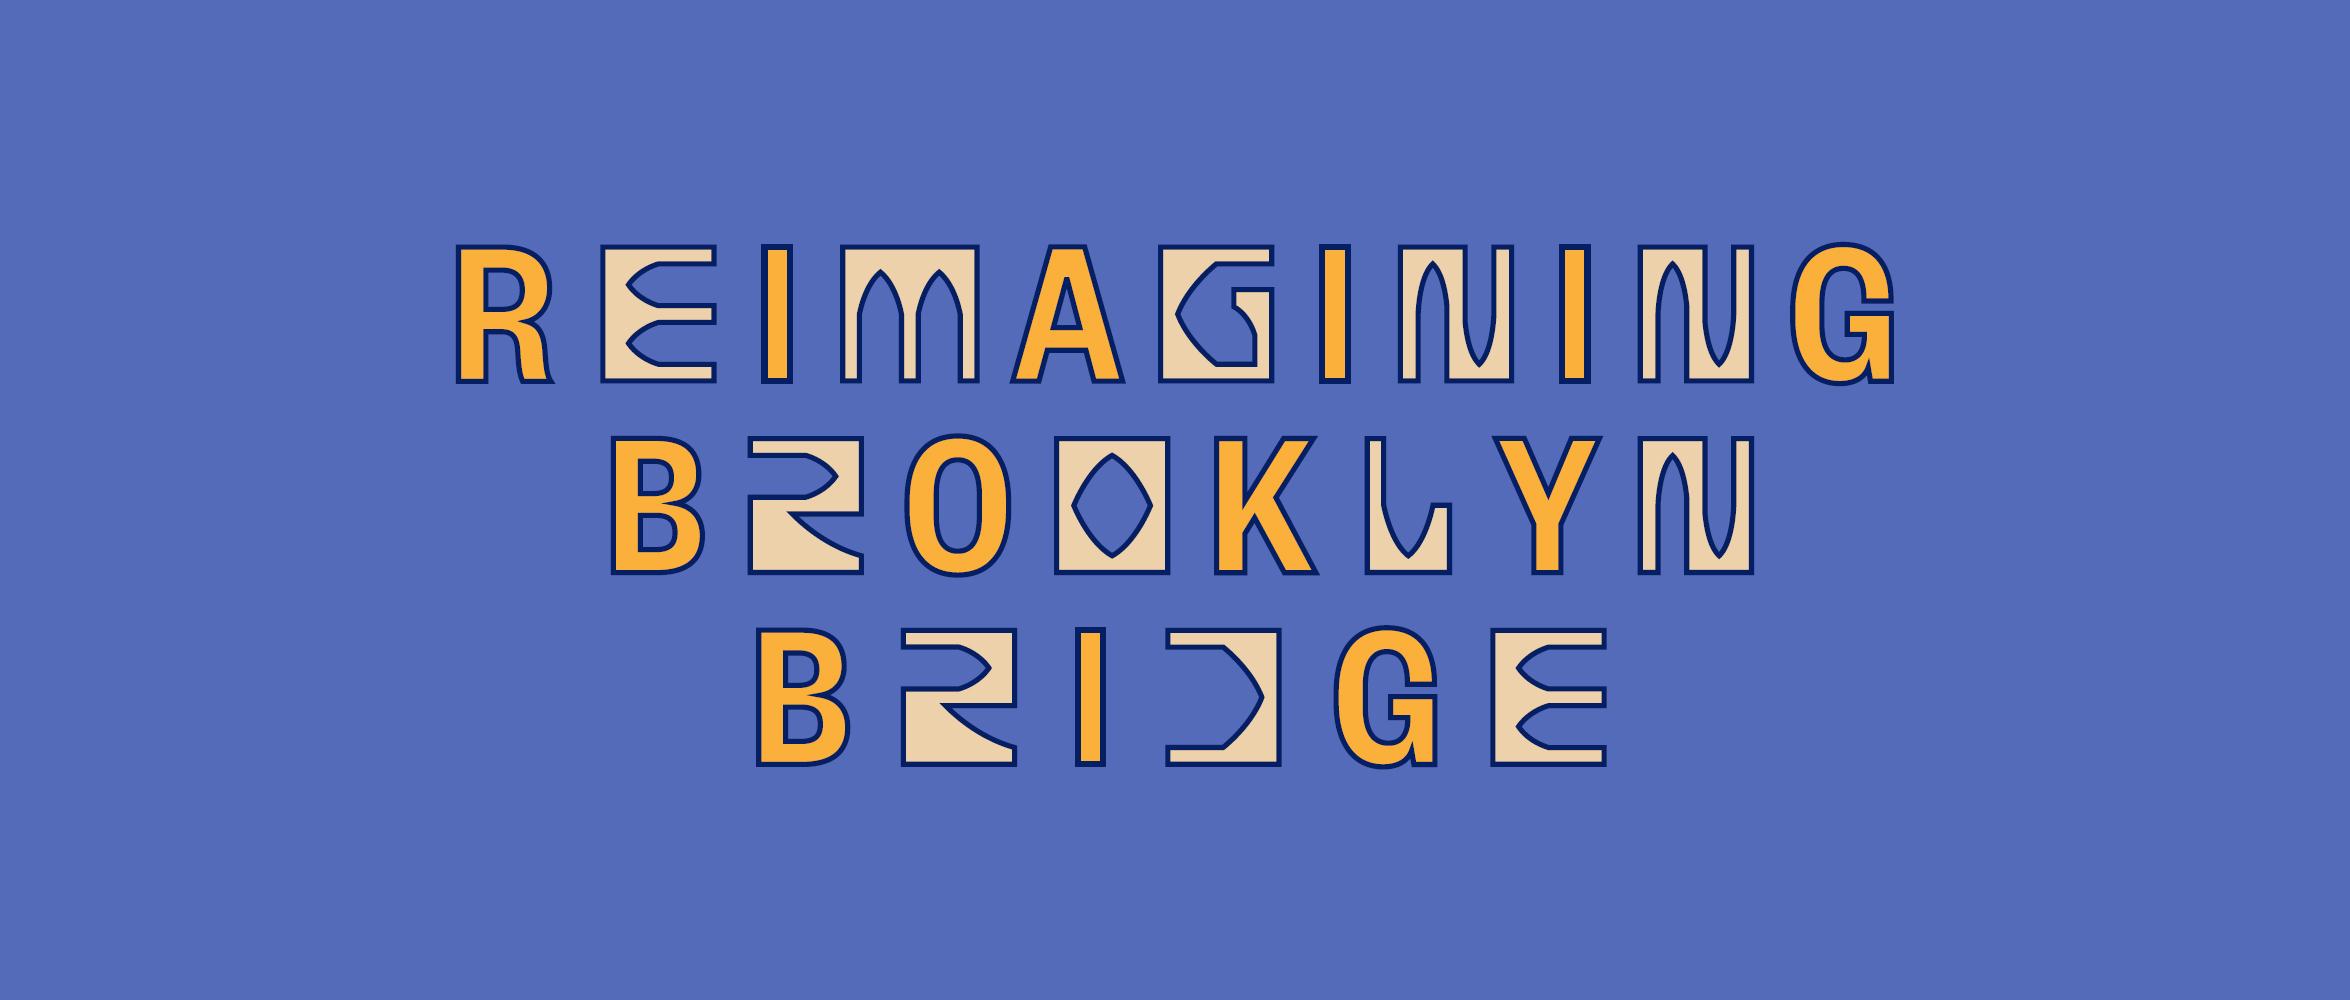 重塑布鲁克林大桥设计竞赛